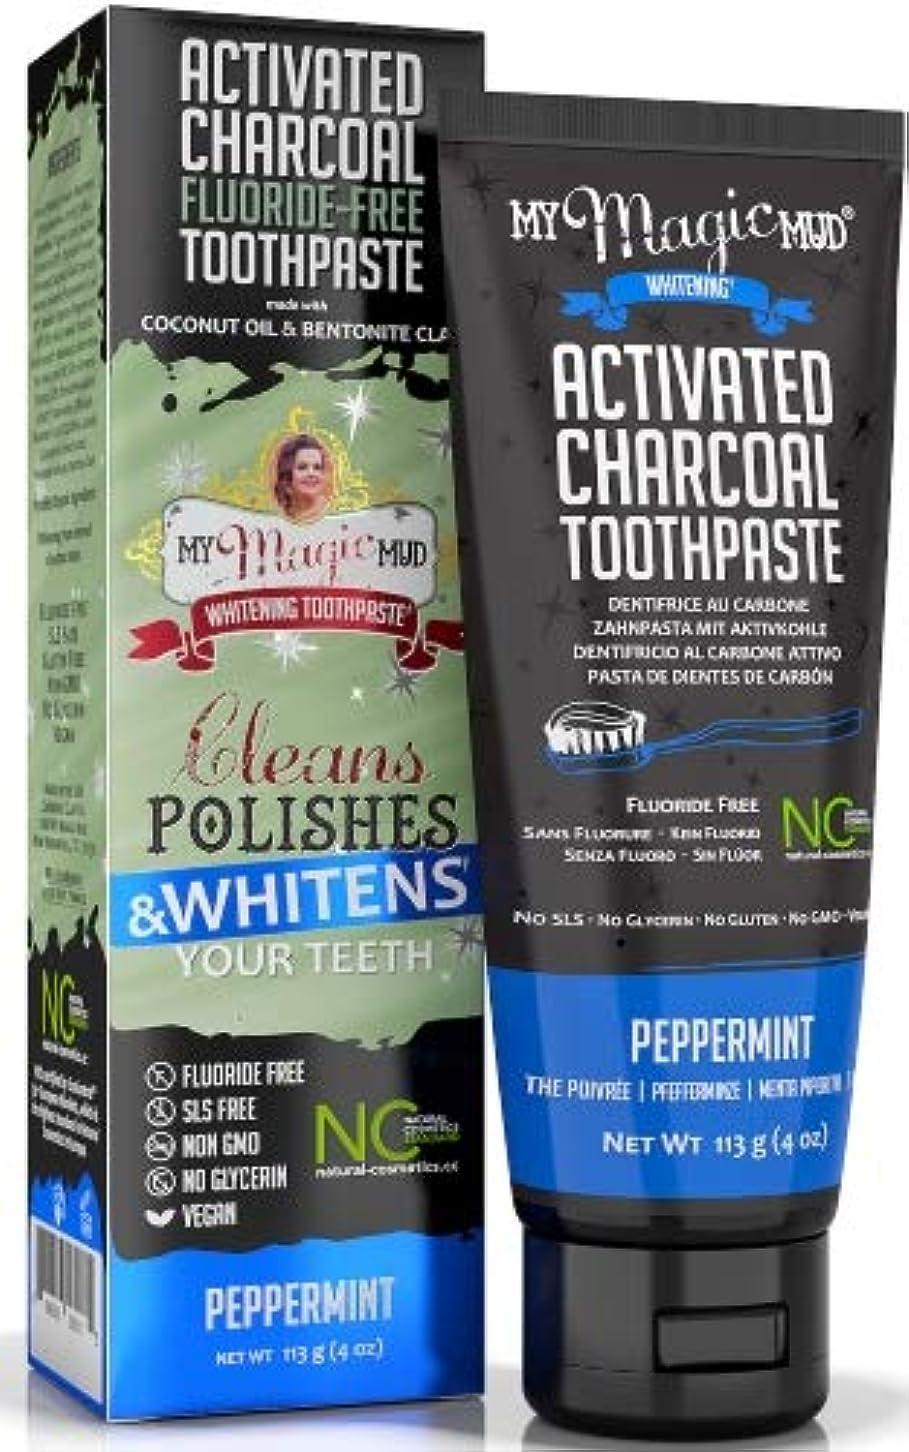 発明ぺディカブ予測するマイマジックマッドホワイトニング歯磨き粉 (ペパーミント)